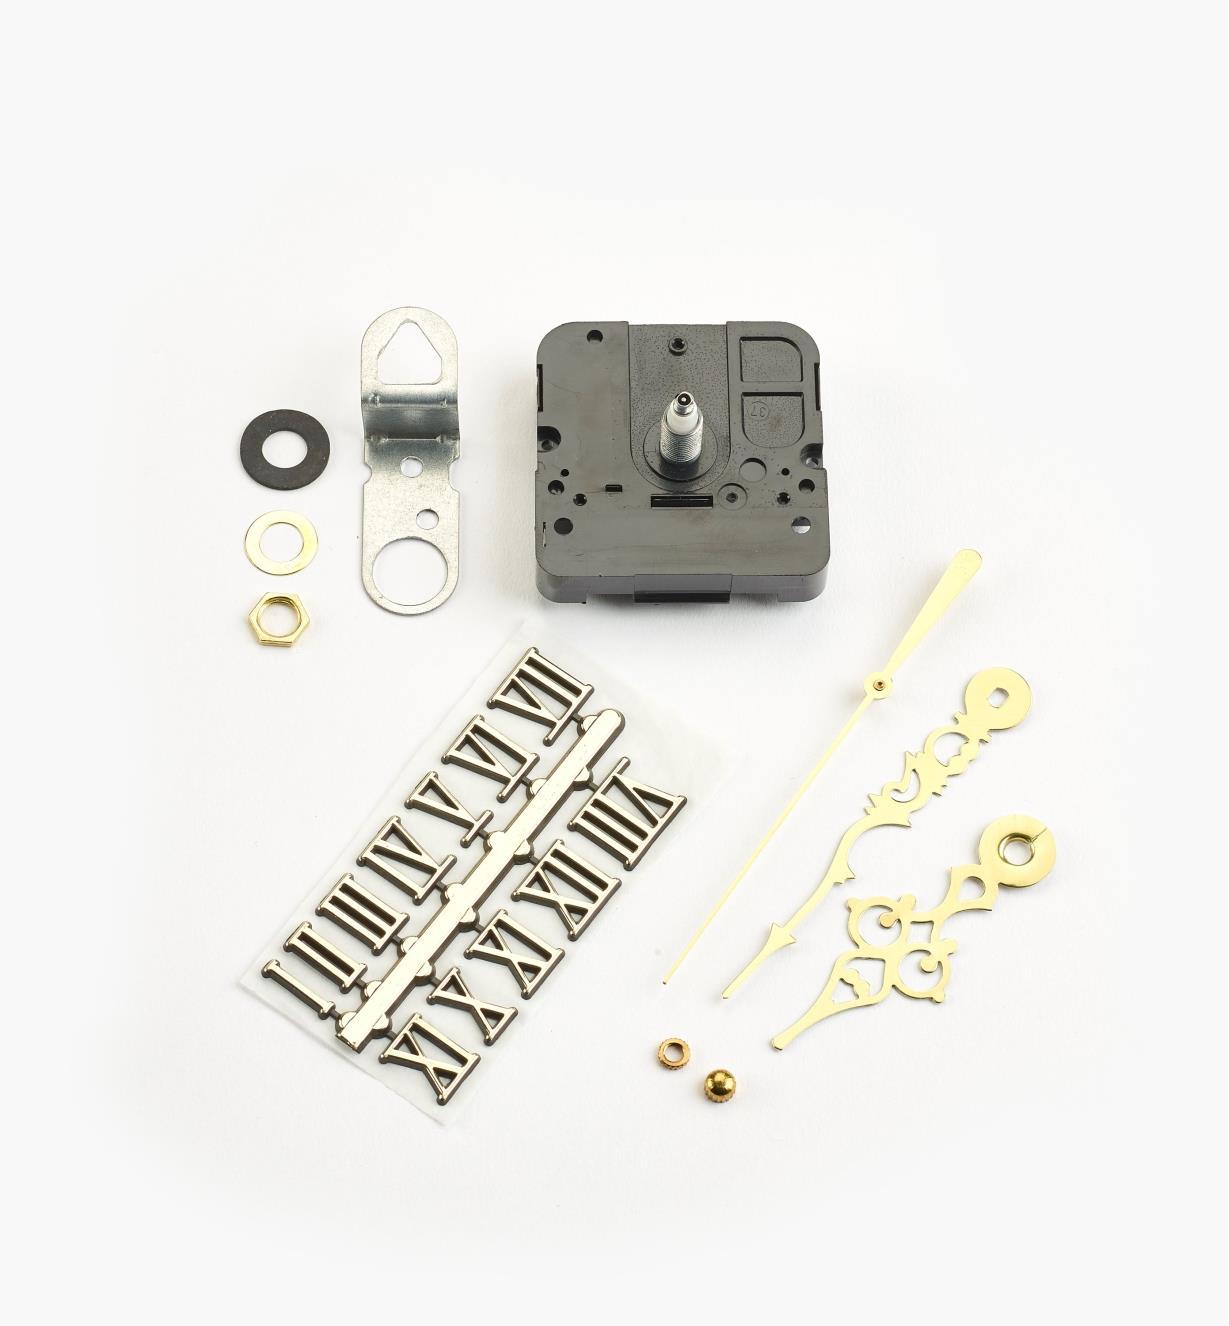 46K3151 - Composants pour horloge à arbre de 3/8po, chiffres romains